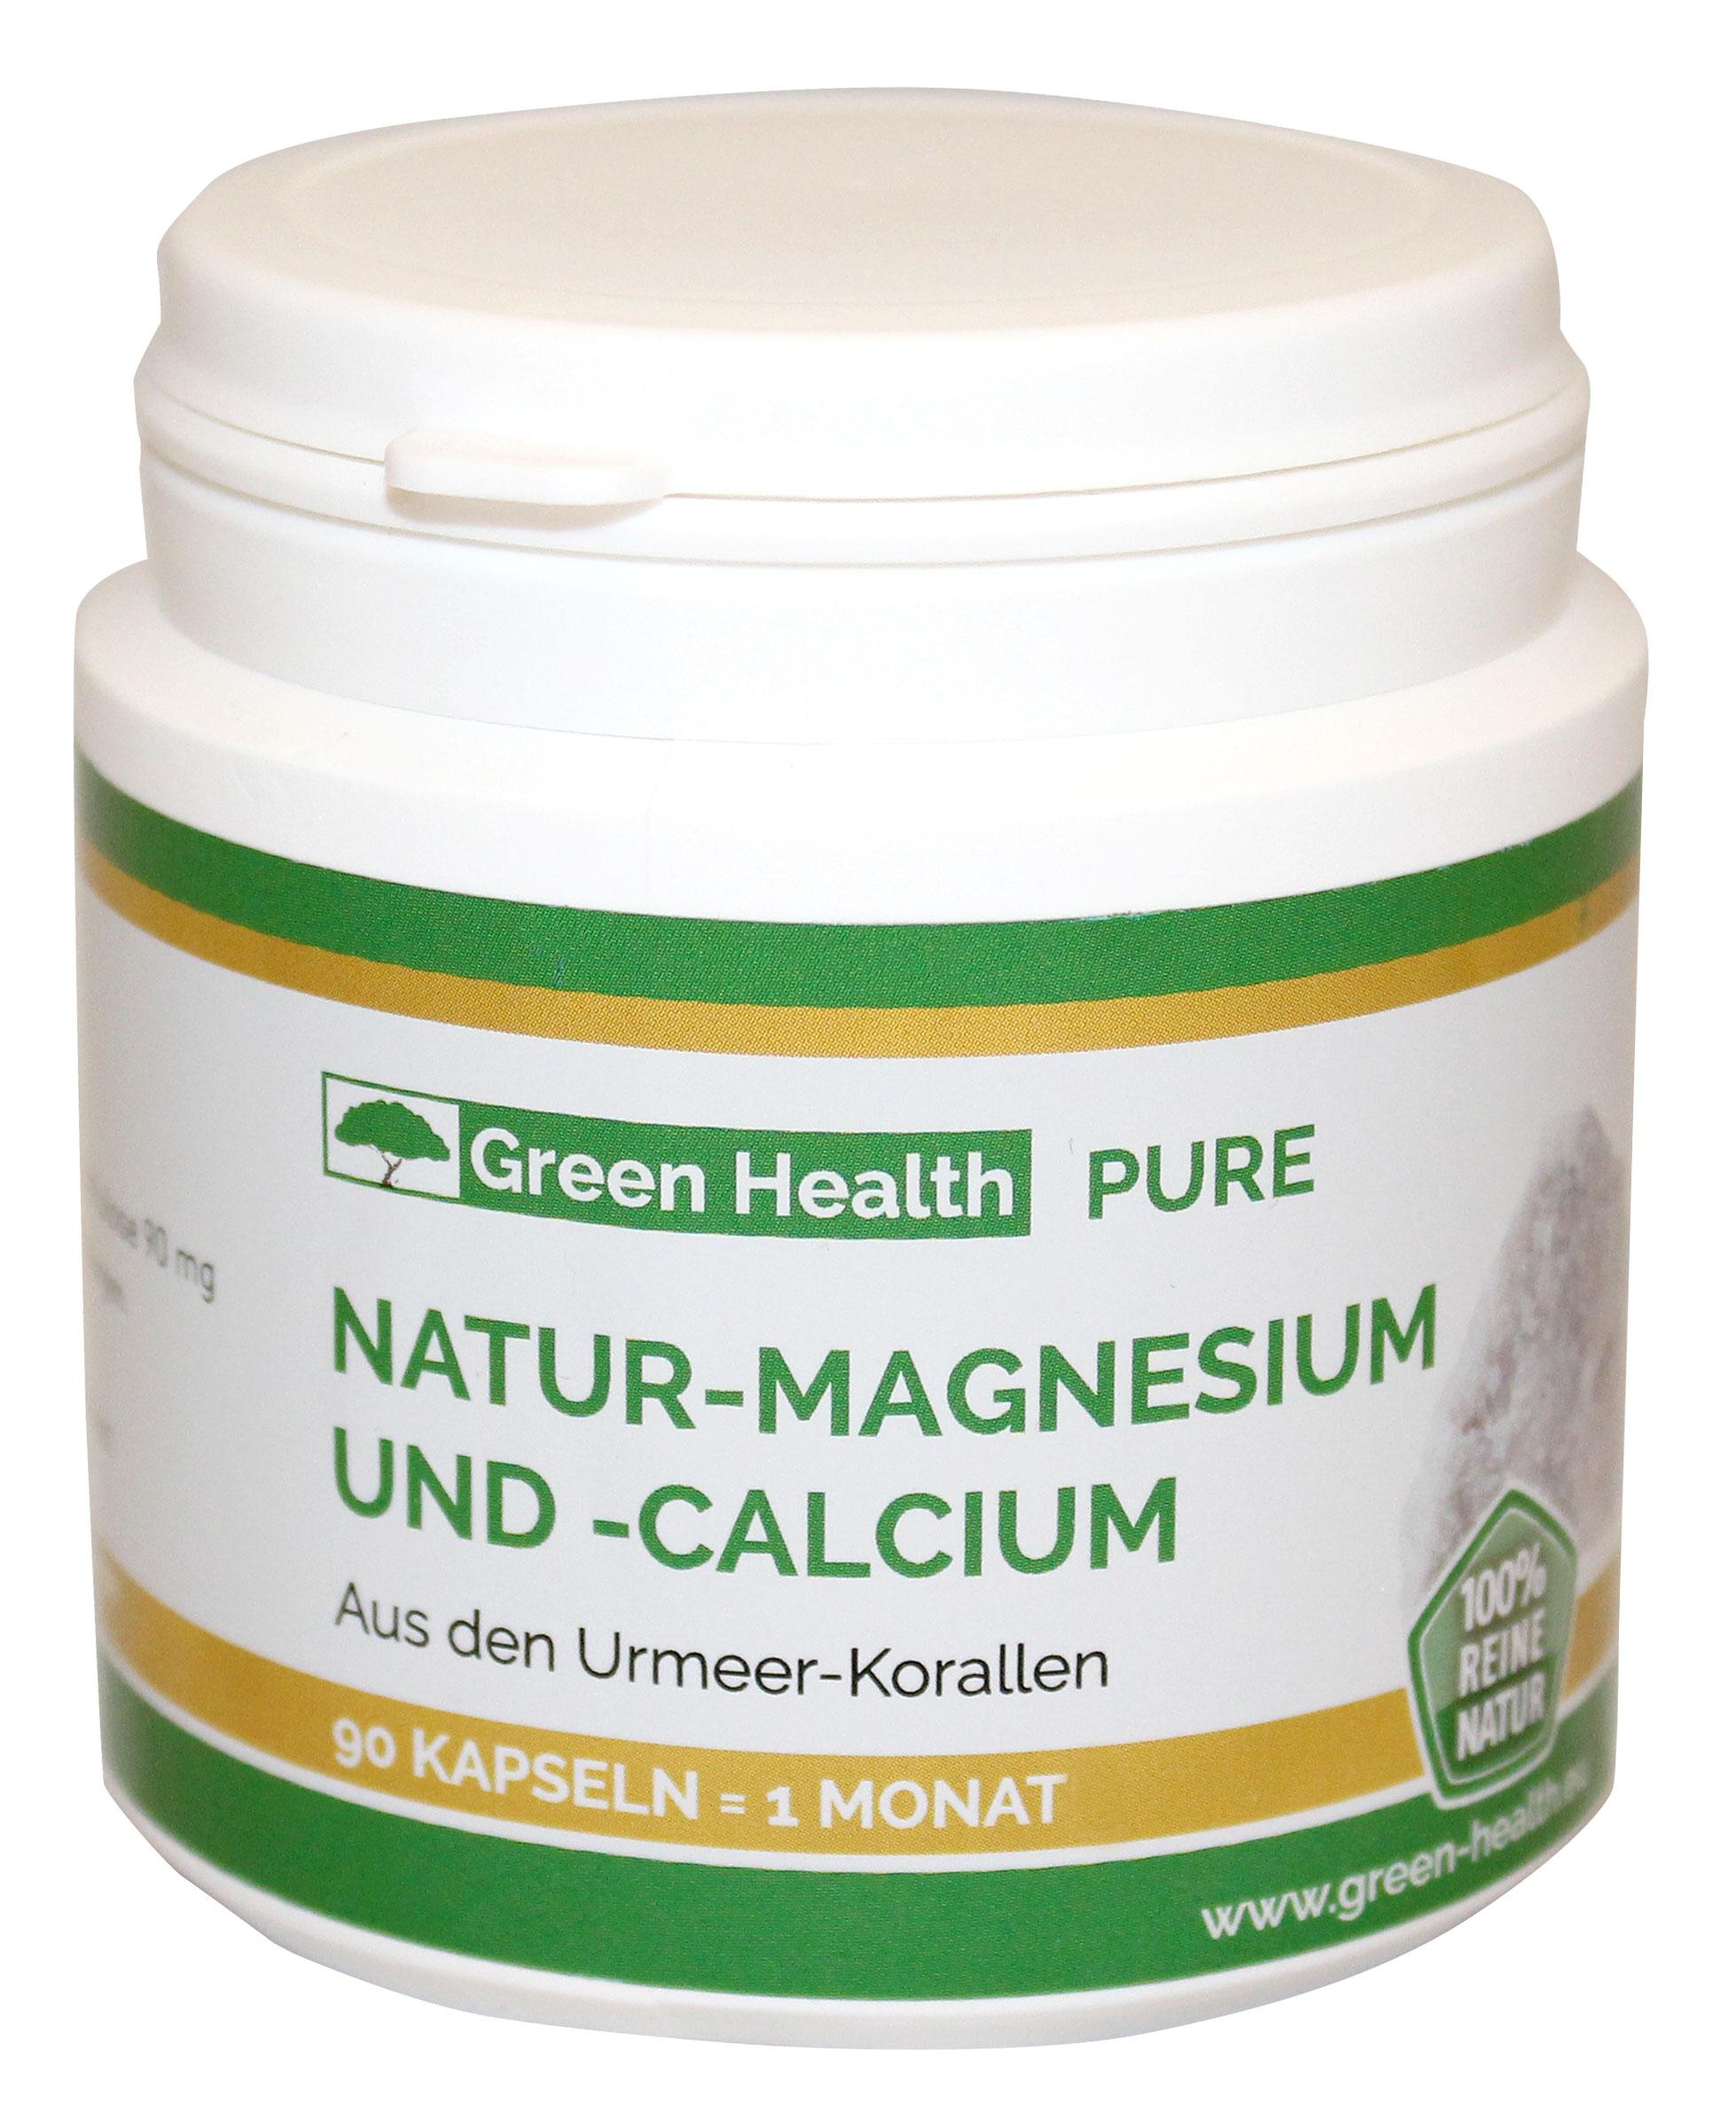 Green Health Natur Magnesium und Calcium - 90 Kapseln